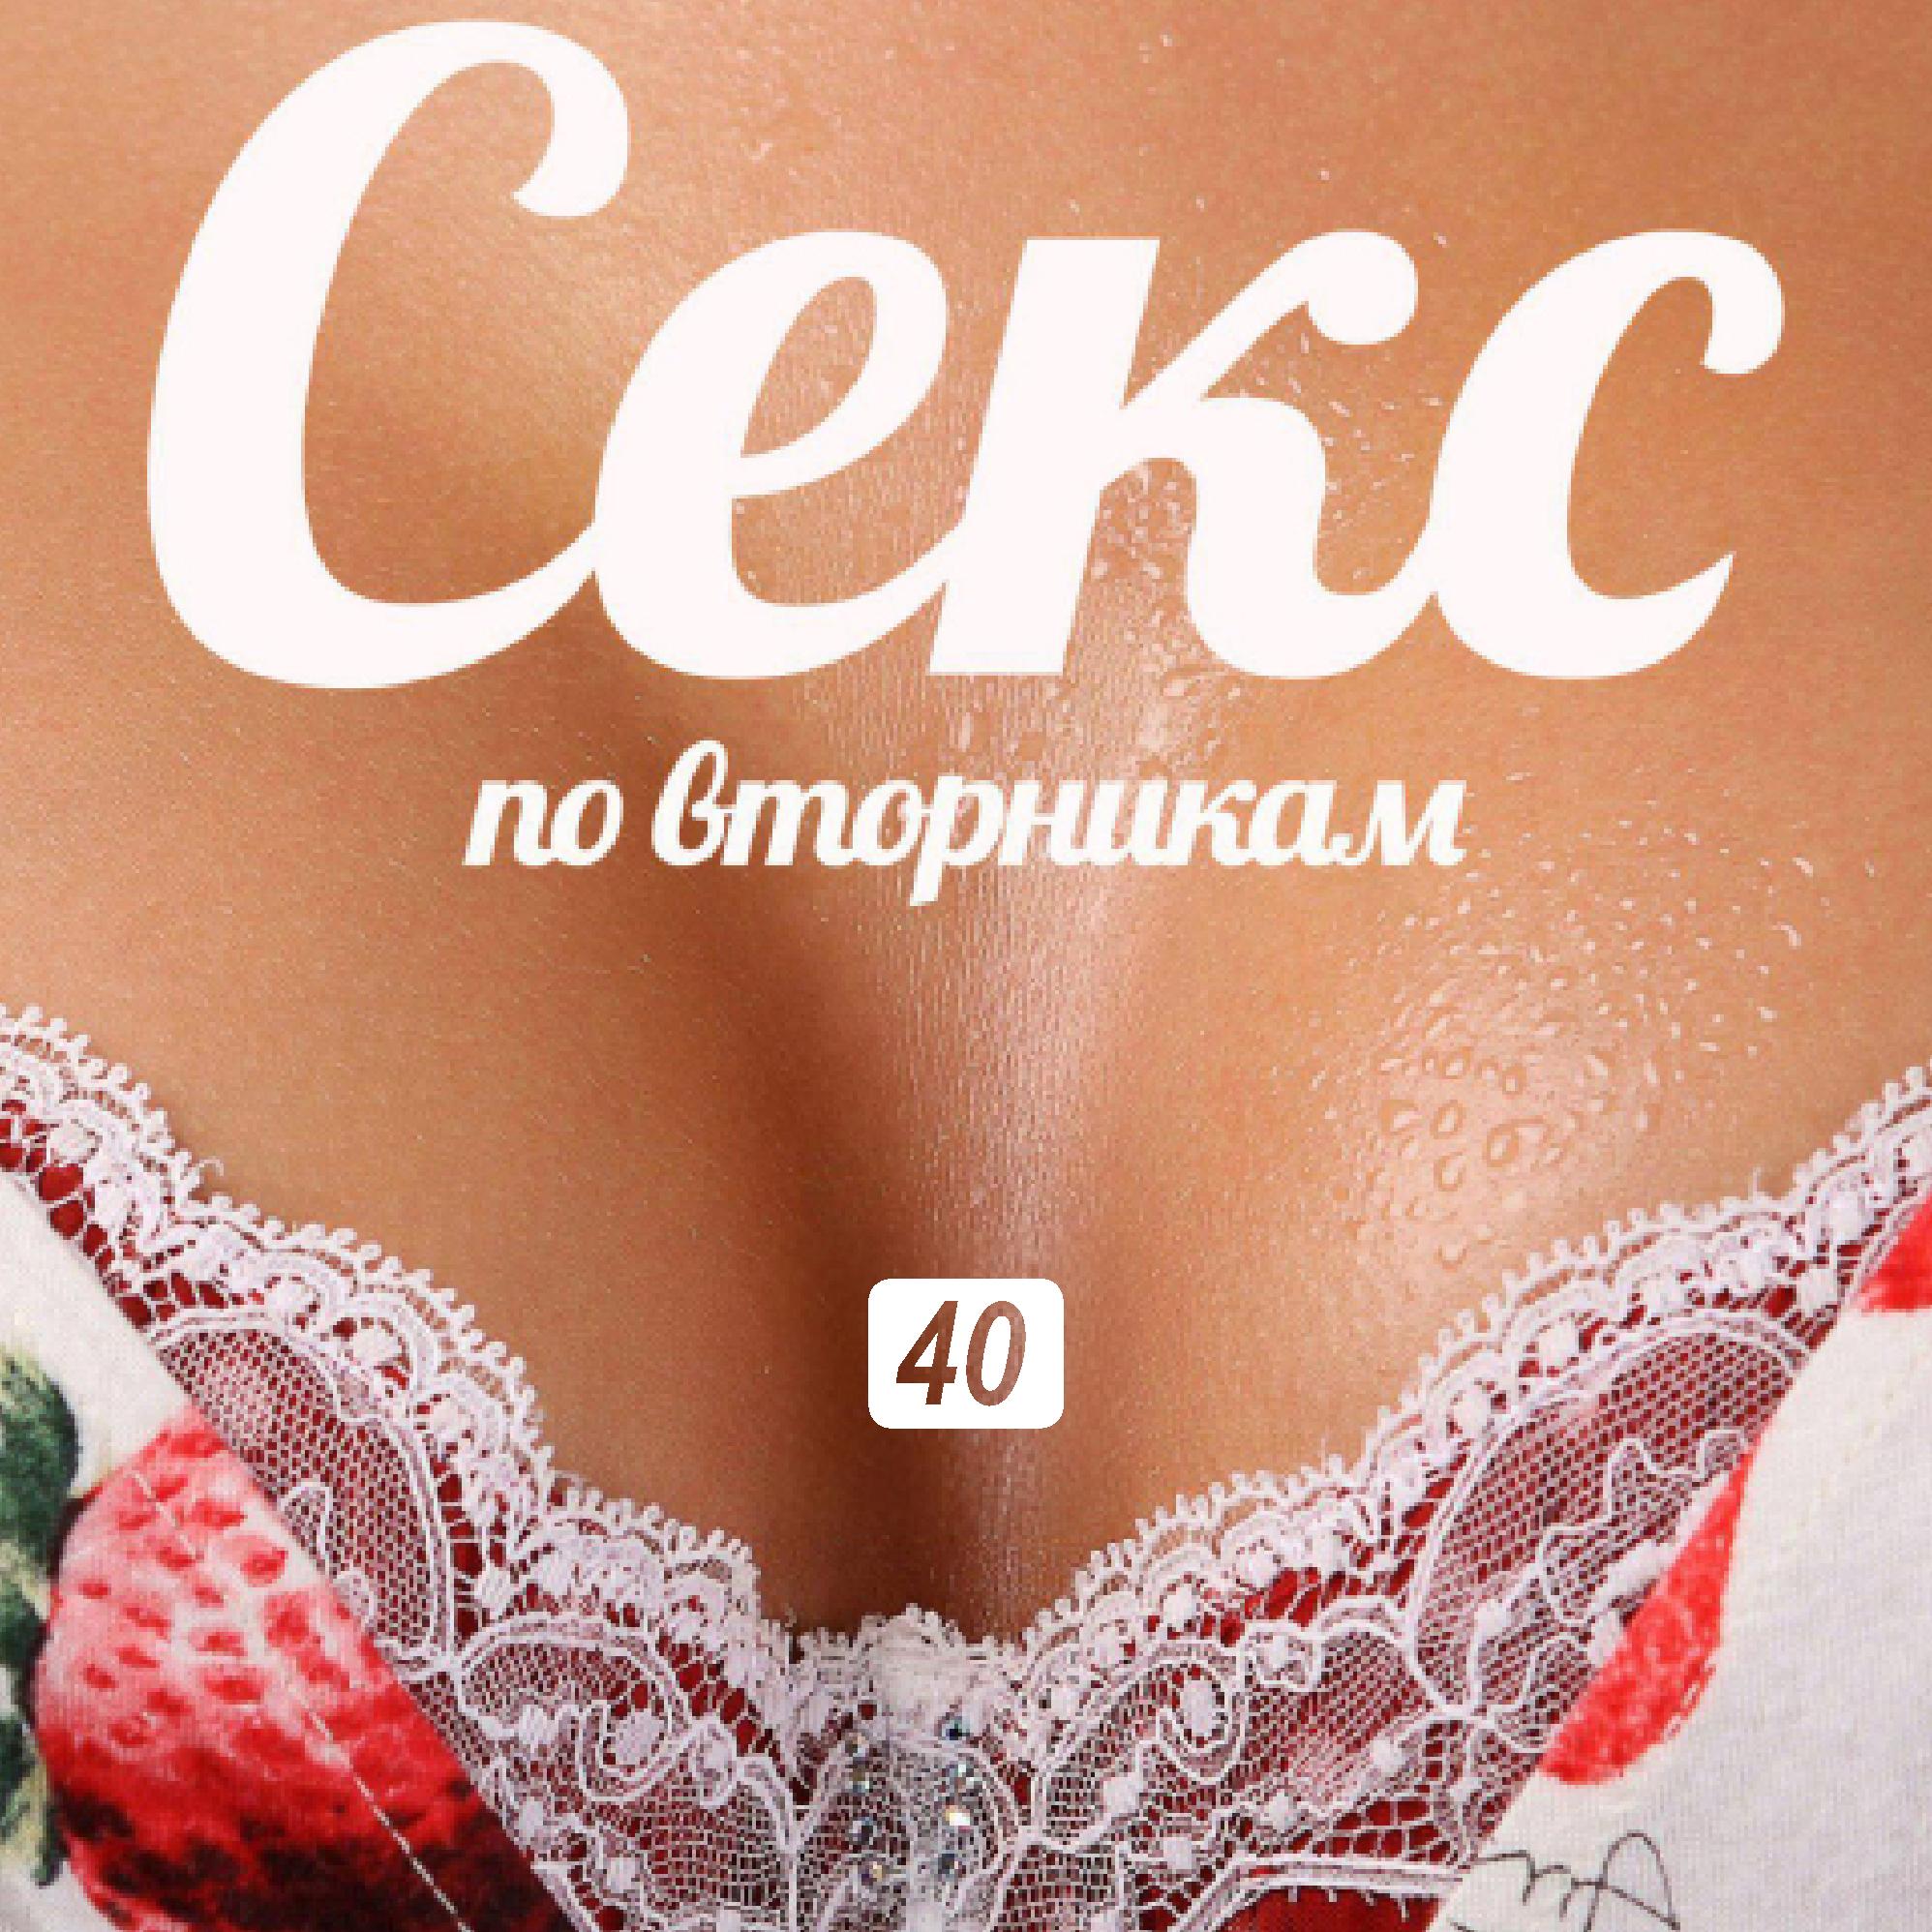 Ольга Маркина Подарки иэротика, эротические подарки?